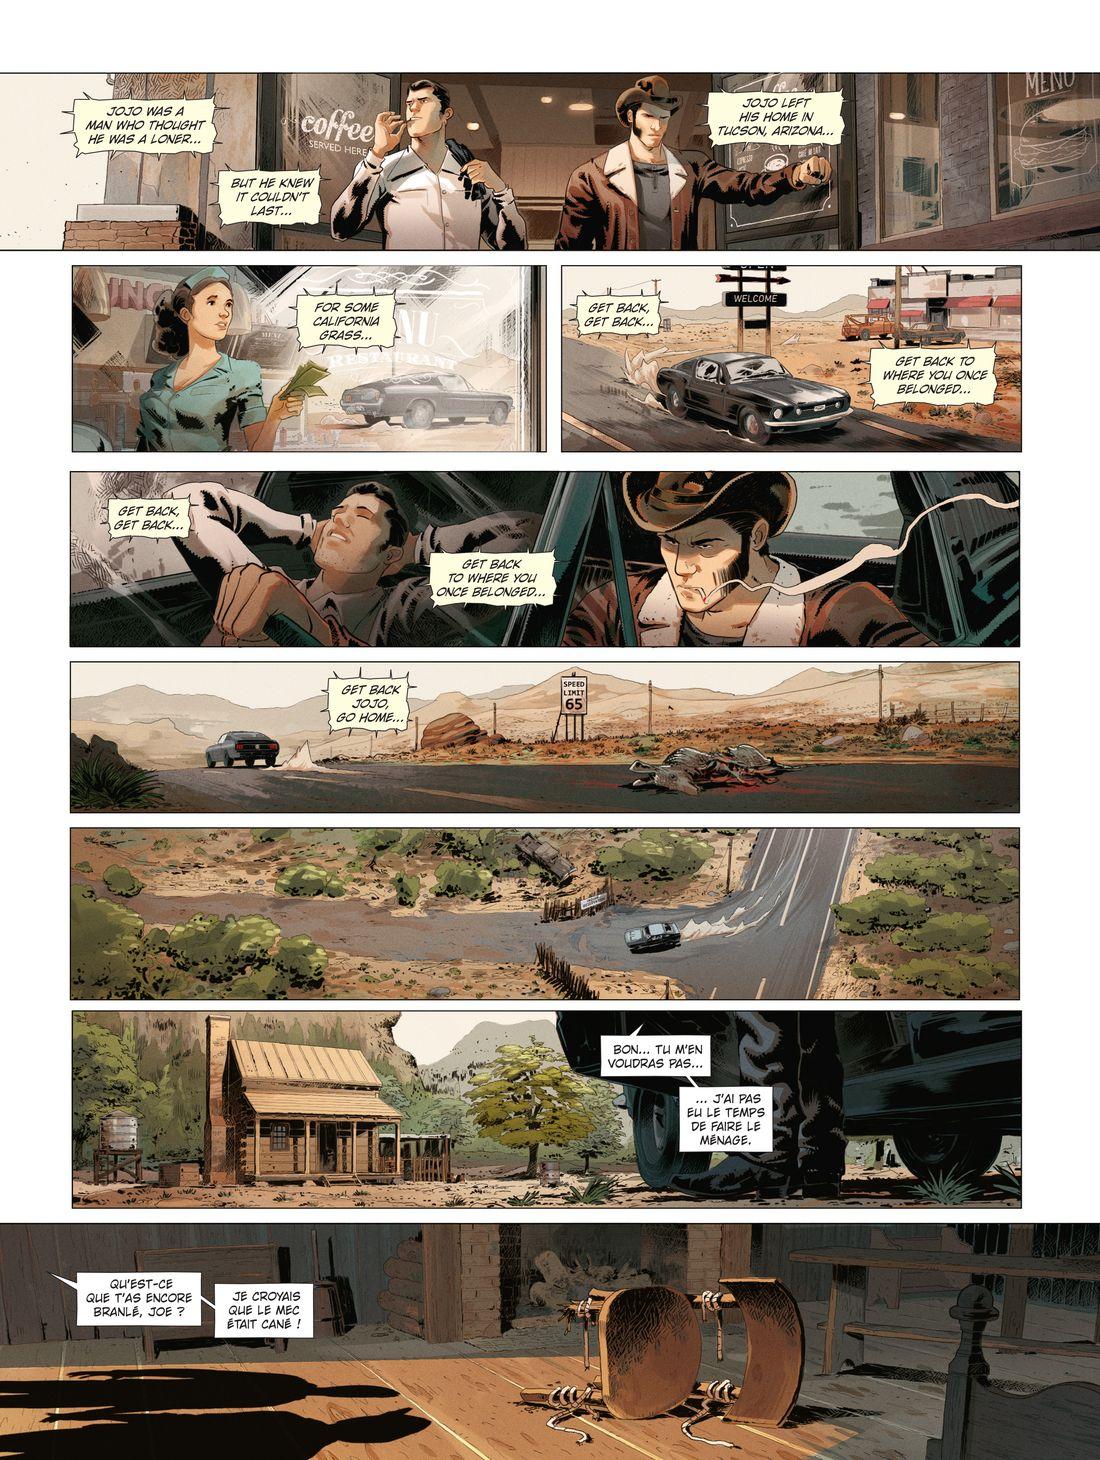 Hit the road, page 12 : Noir & Blanc © Glénat / Afif Khaled / Dobbs / Josie de Rosa